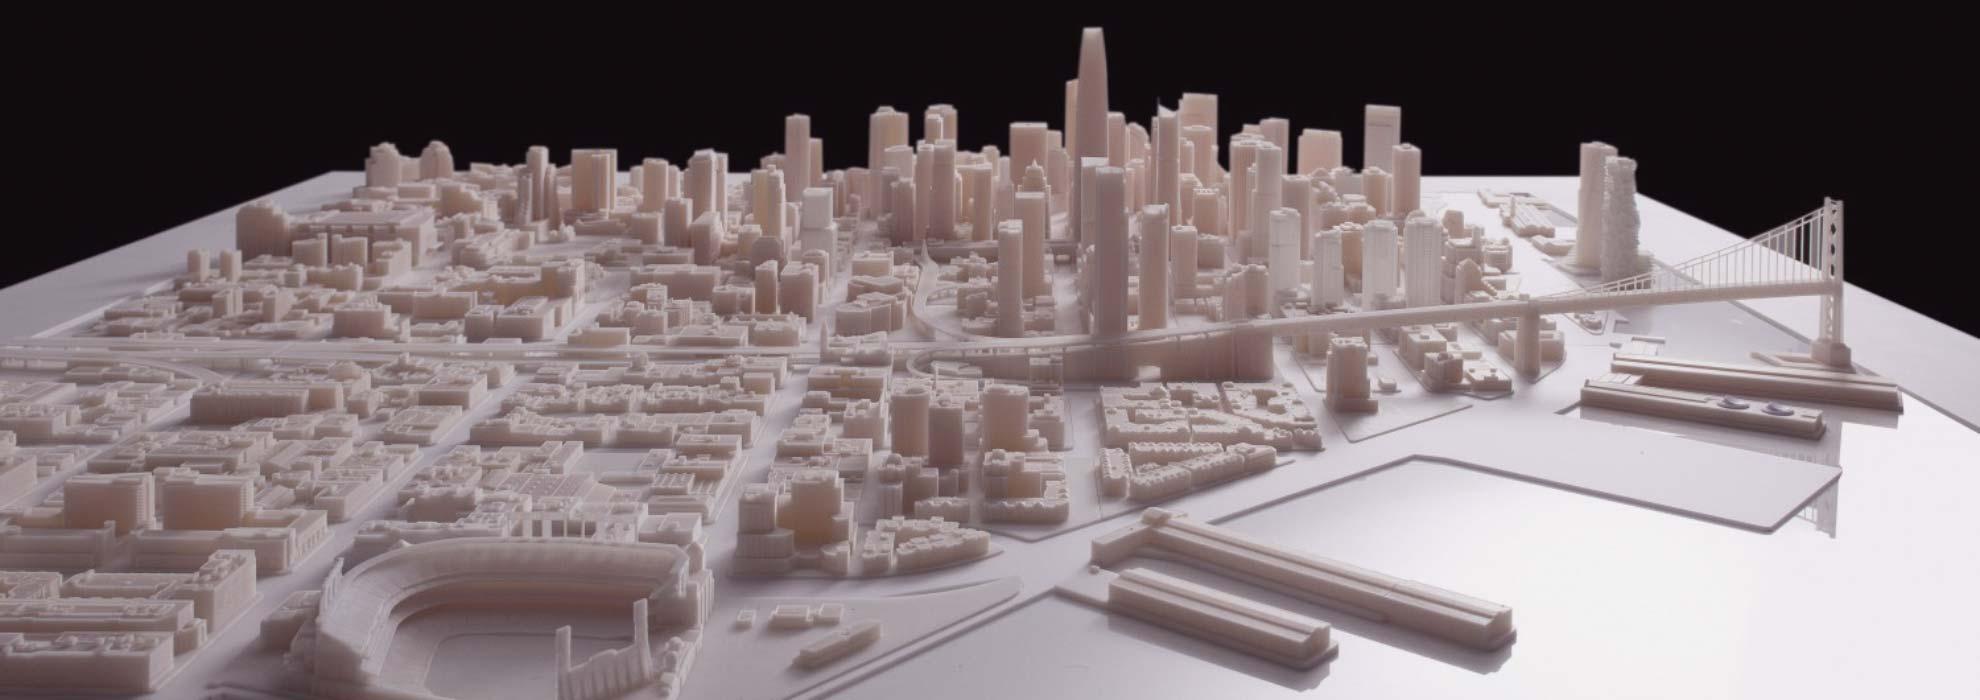 Модель части города напечатанная на 3Д принтере